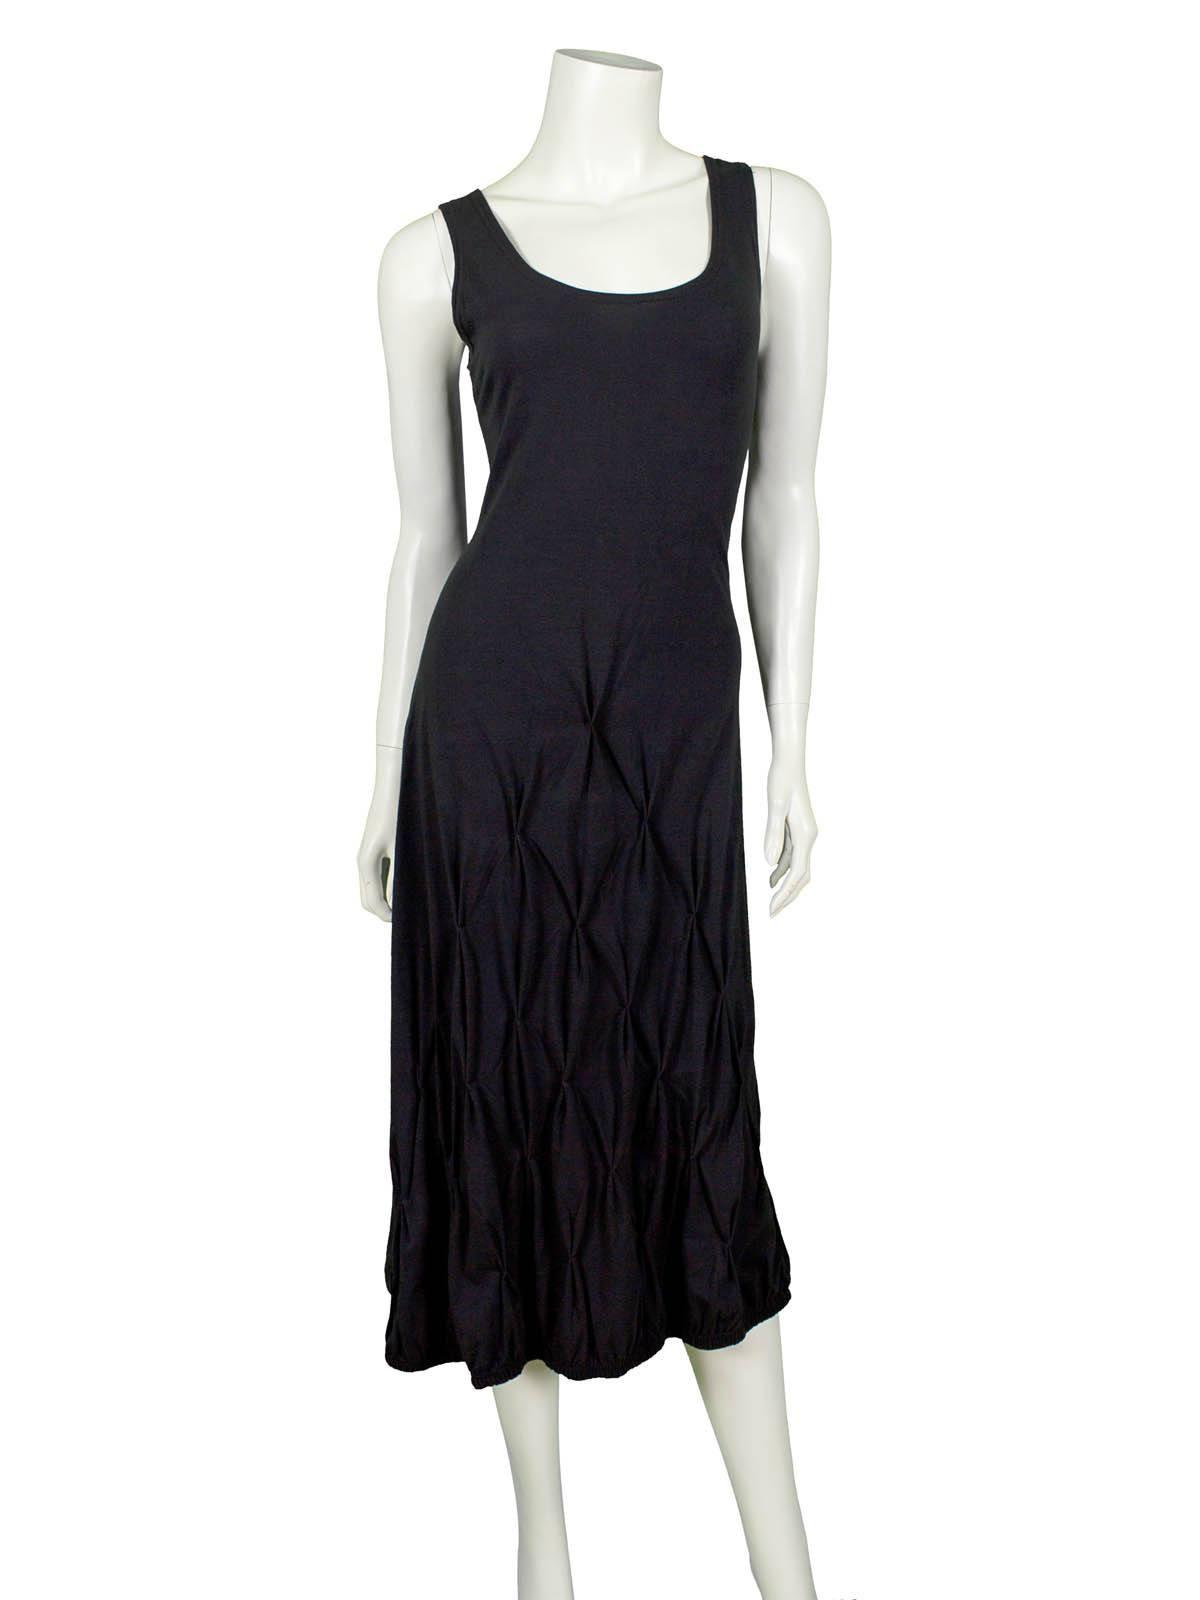 Jerseykleid In Aform Schwarz Bei Meinkleidchen Kaufen